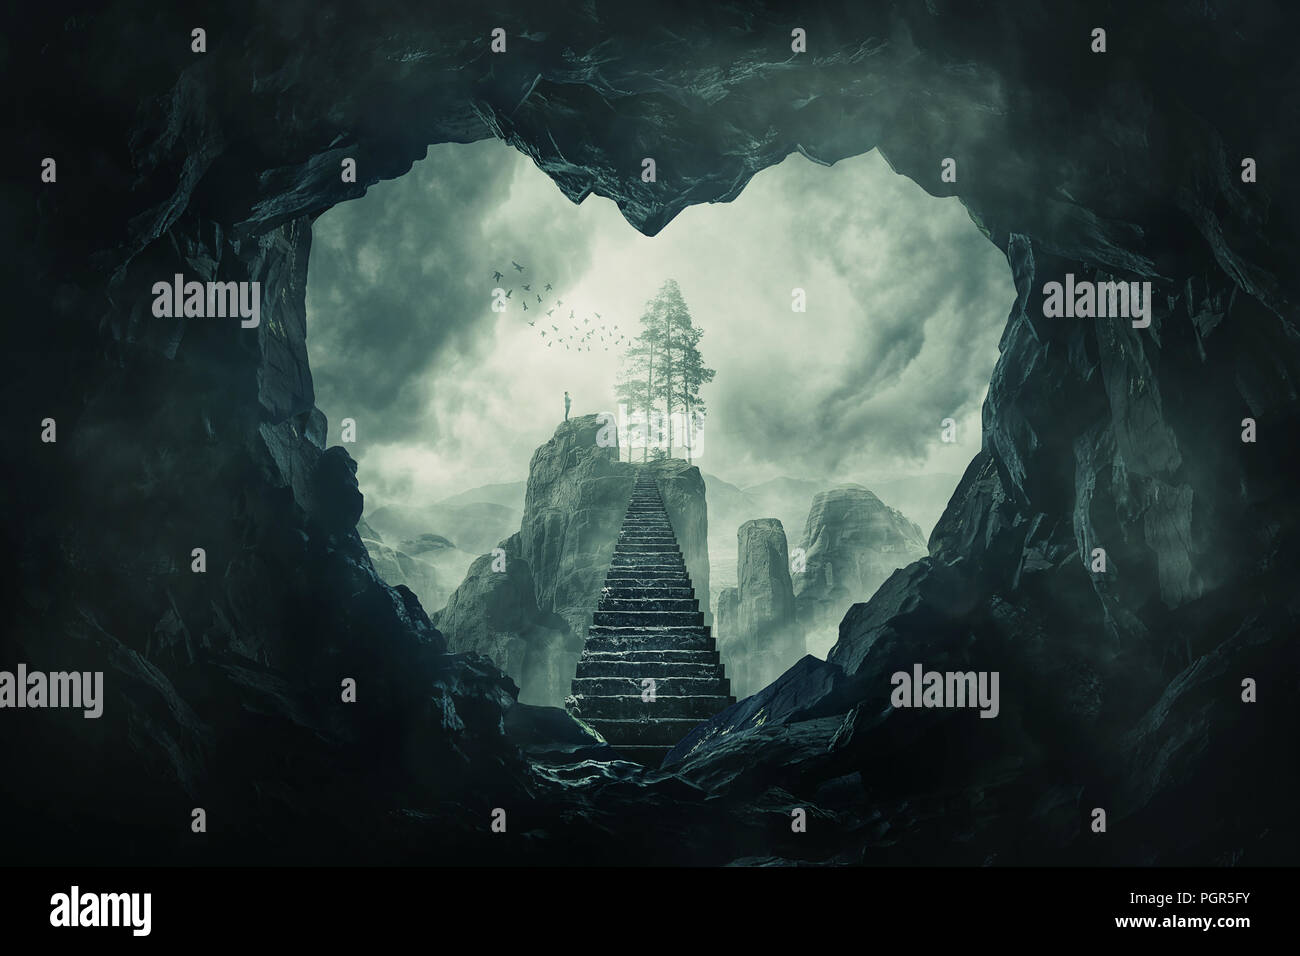 Vista surrealista en forma de corazón y la salida de la caverna oscura escalera mística cruzar el abismo nebuloso subiendo al paraíso desconocido. Escalera de oportunidad al amor, a la manera Foto de stock